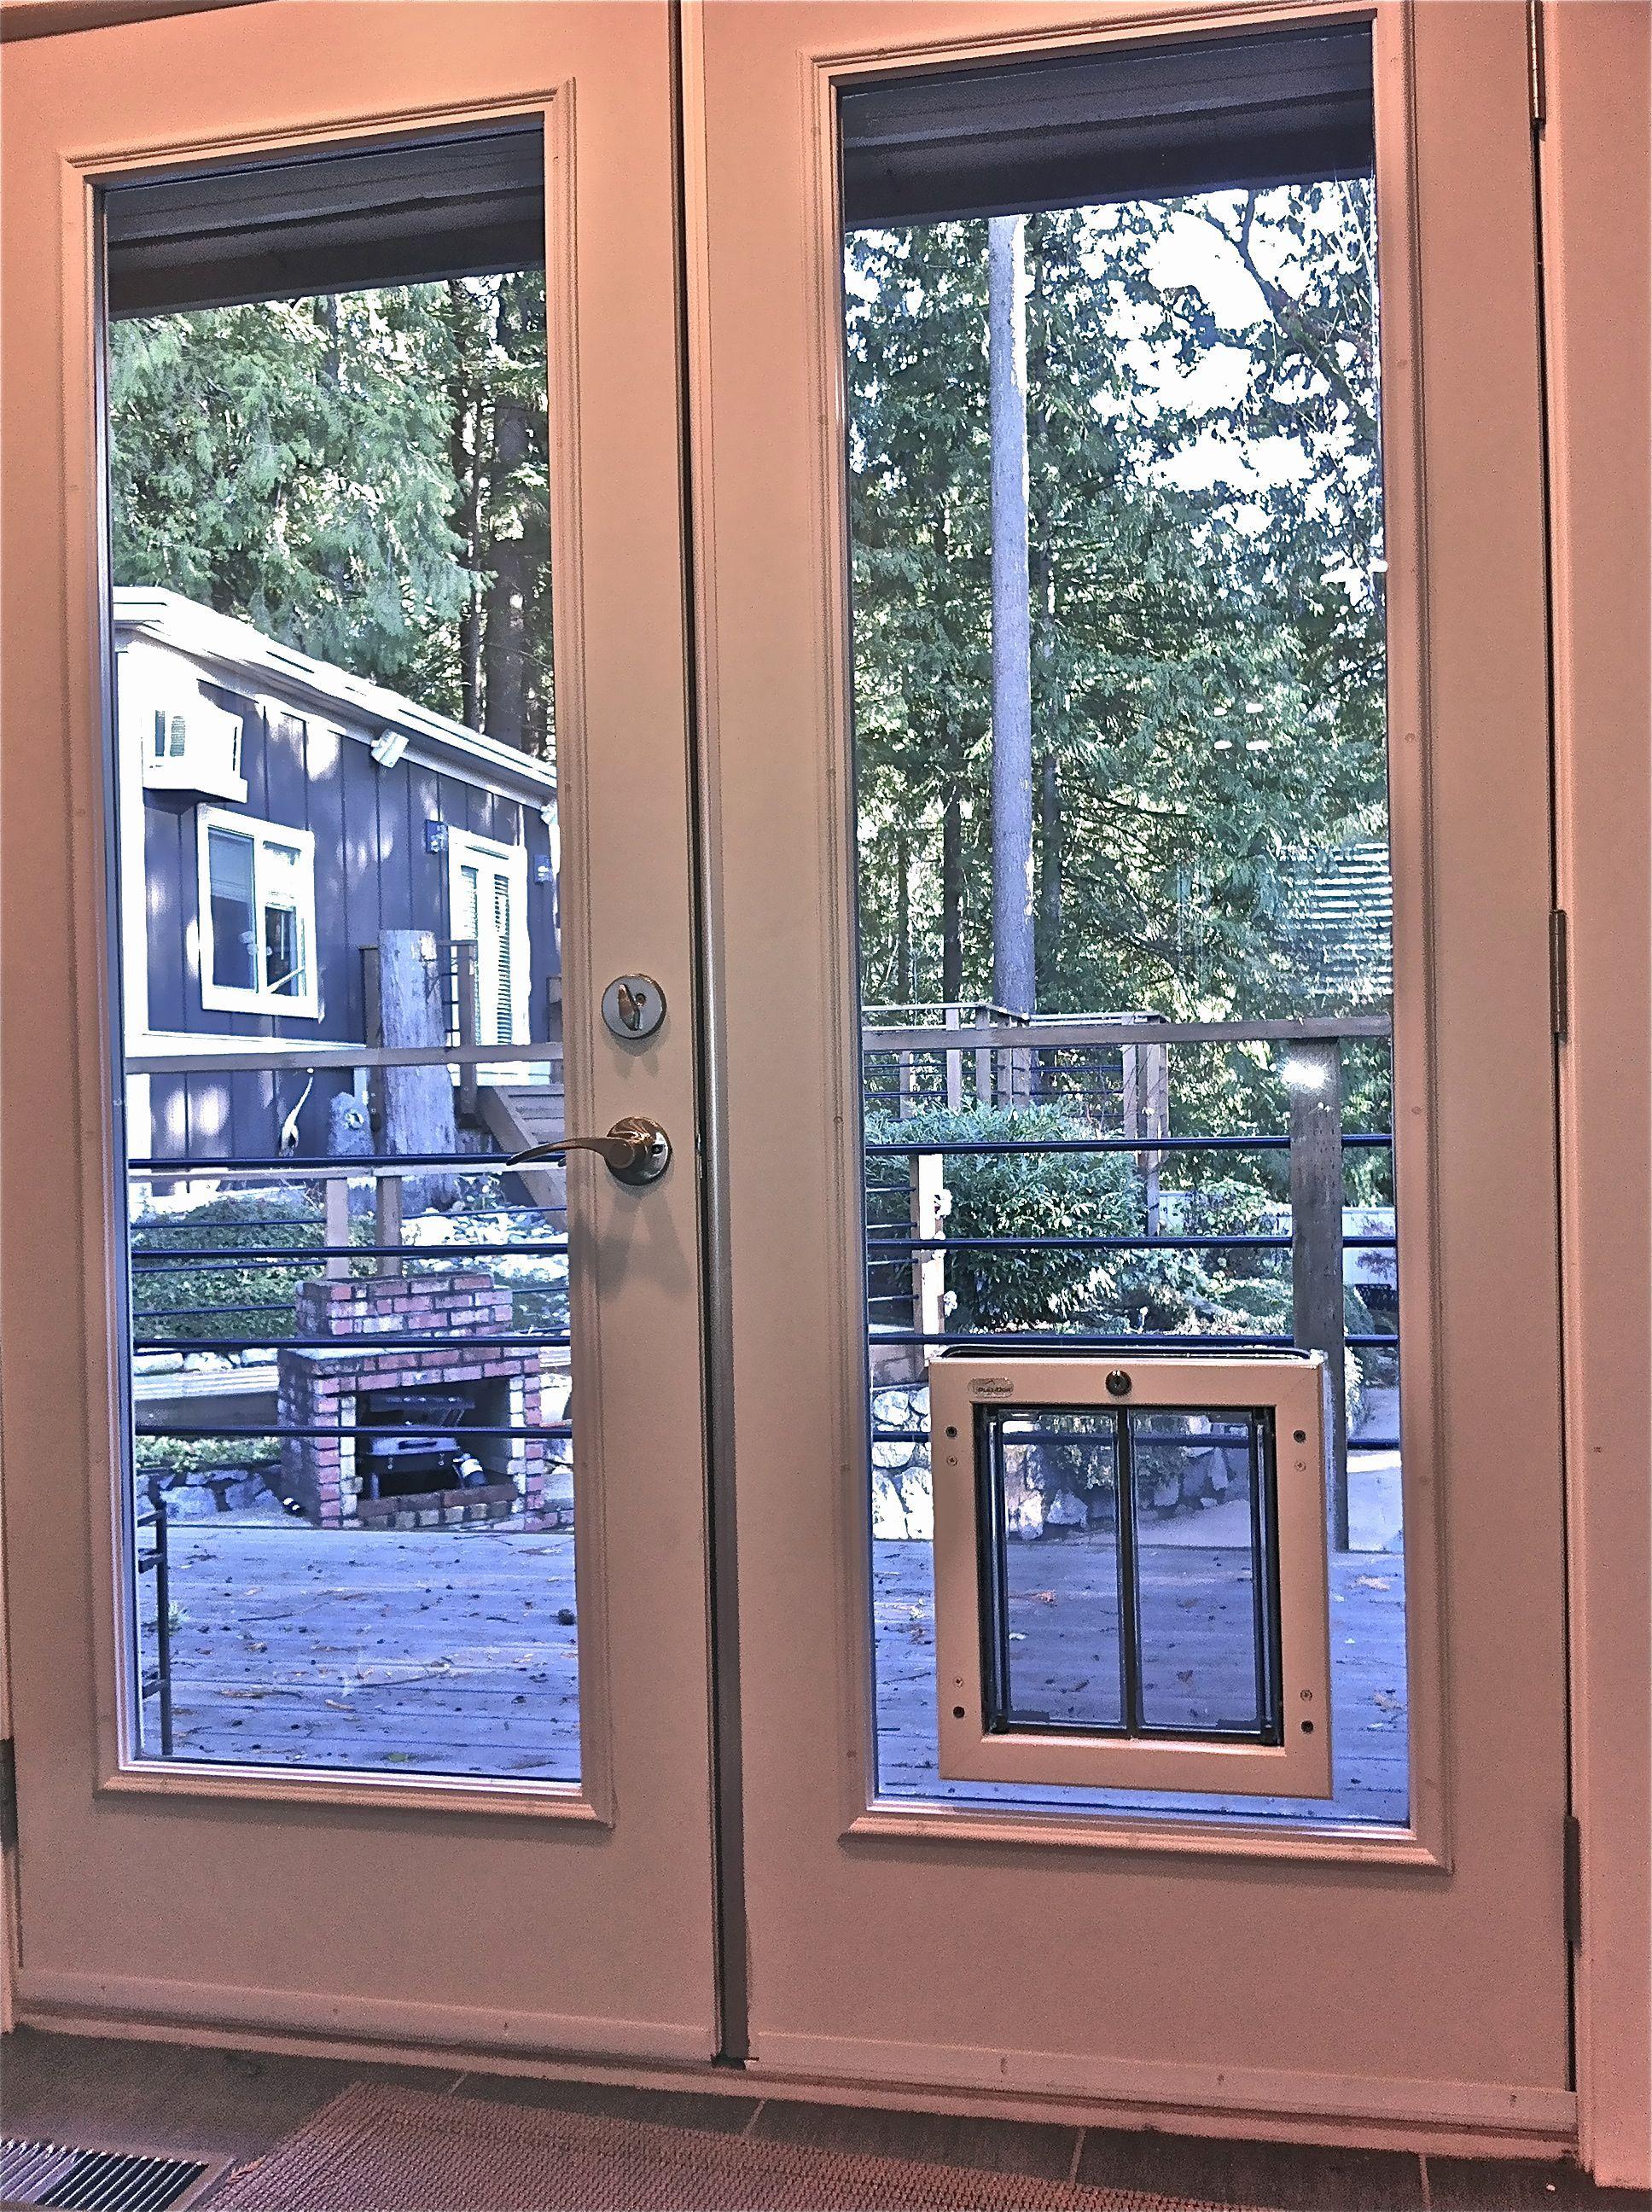 Wohnung Einrichten Hausdekor Hausdekoration Schlafzimmer Dekoration Wohnzimmer Wohnideen